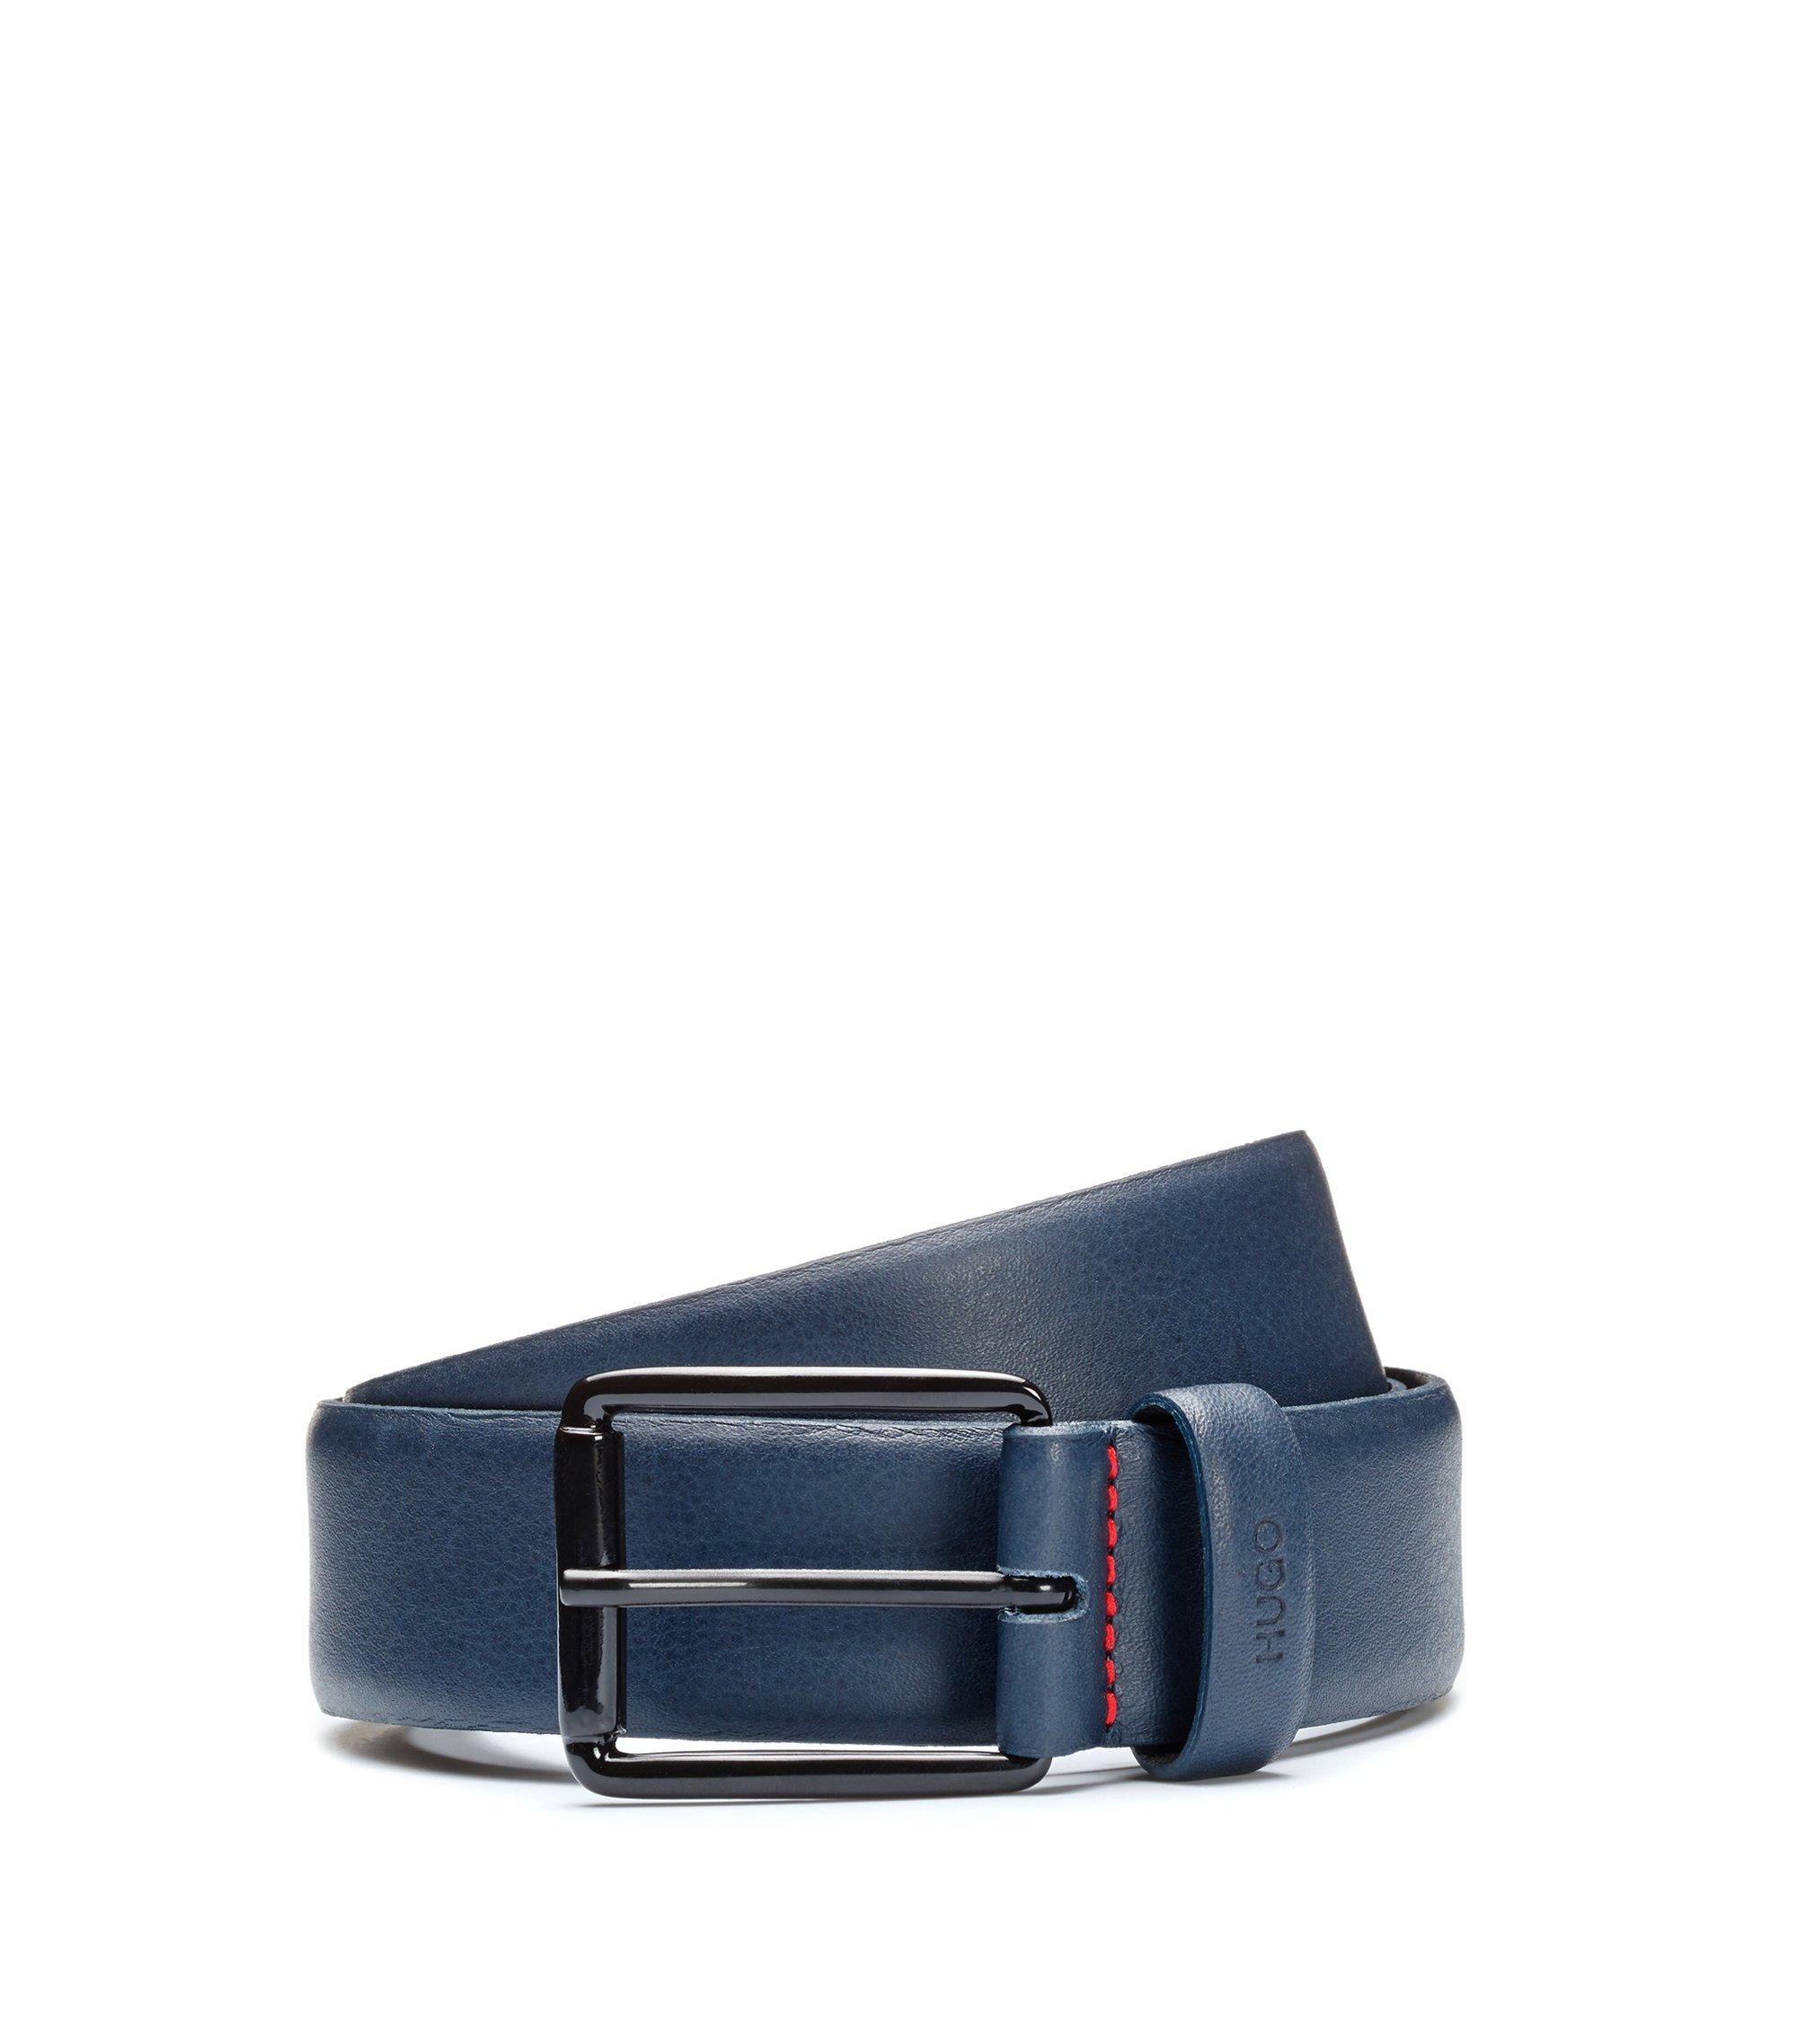 Leather belt with black varnished buckle, Dark Blue